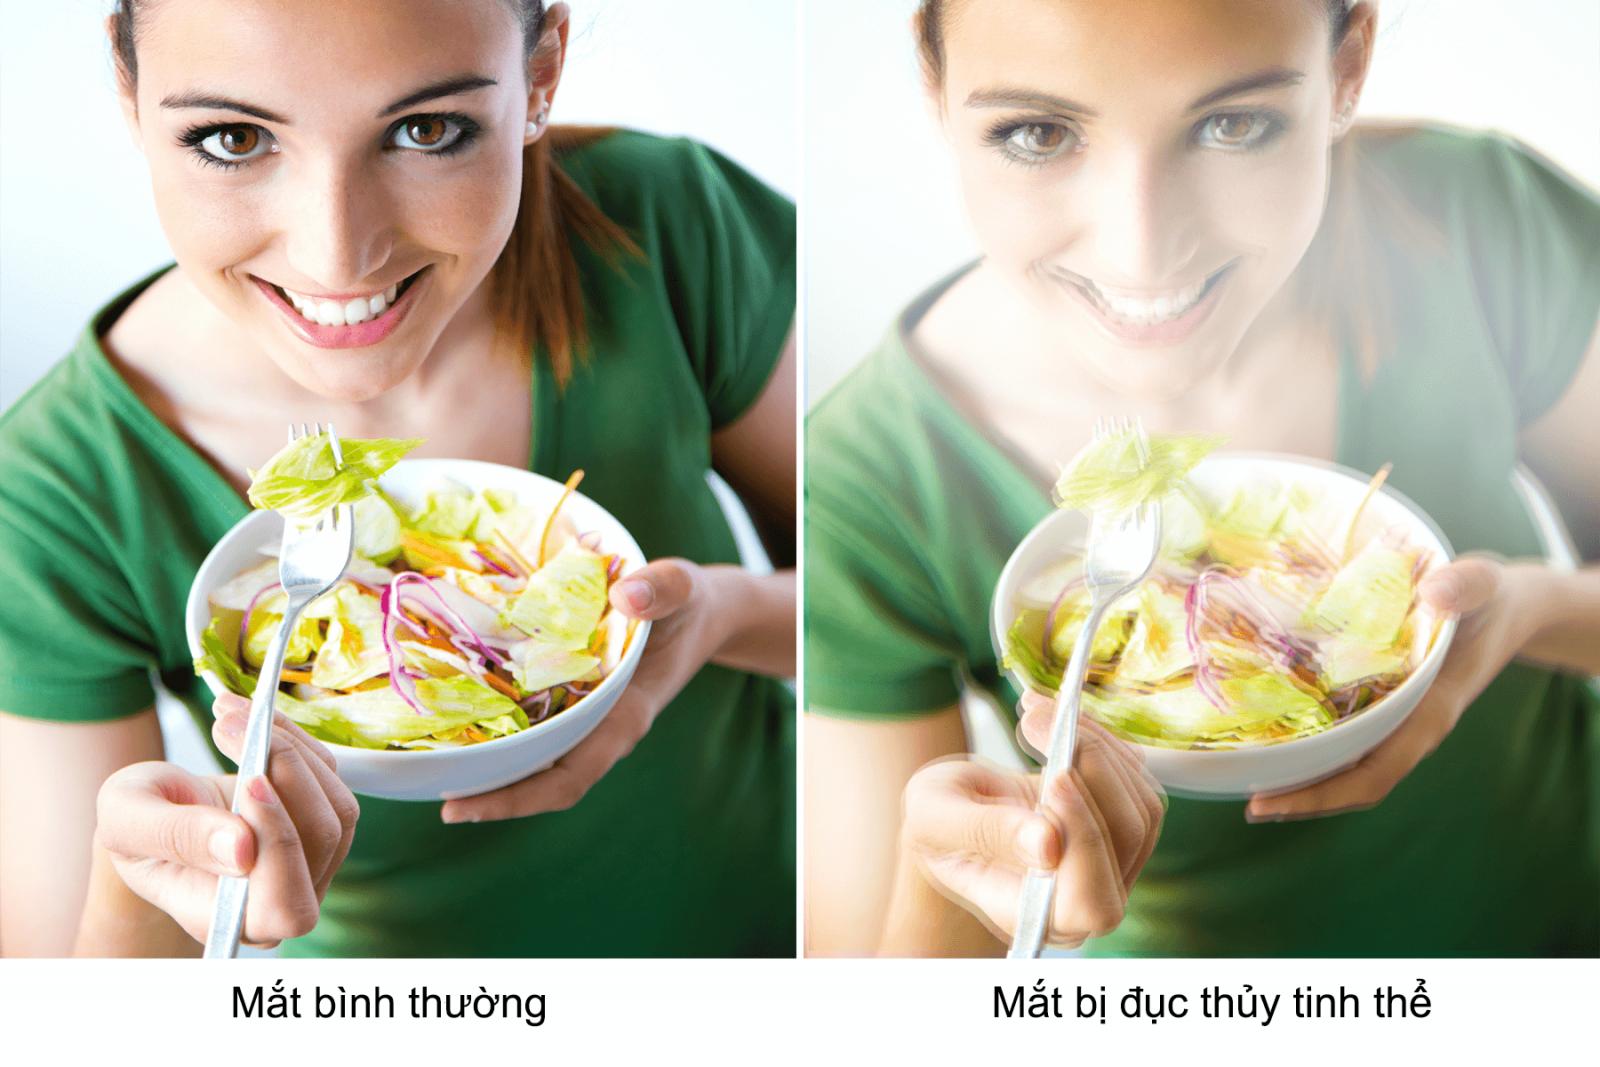 Can-chuan-bi-chi-phi-mo-duc-thuy-tinh-the-bao-nhieu-3